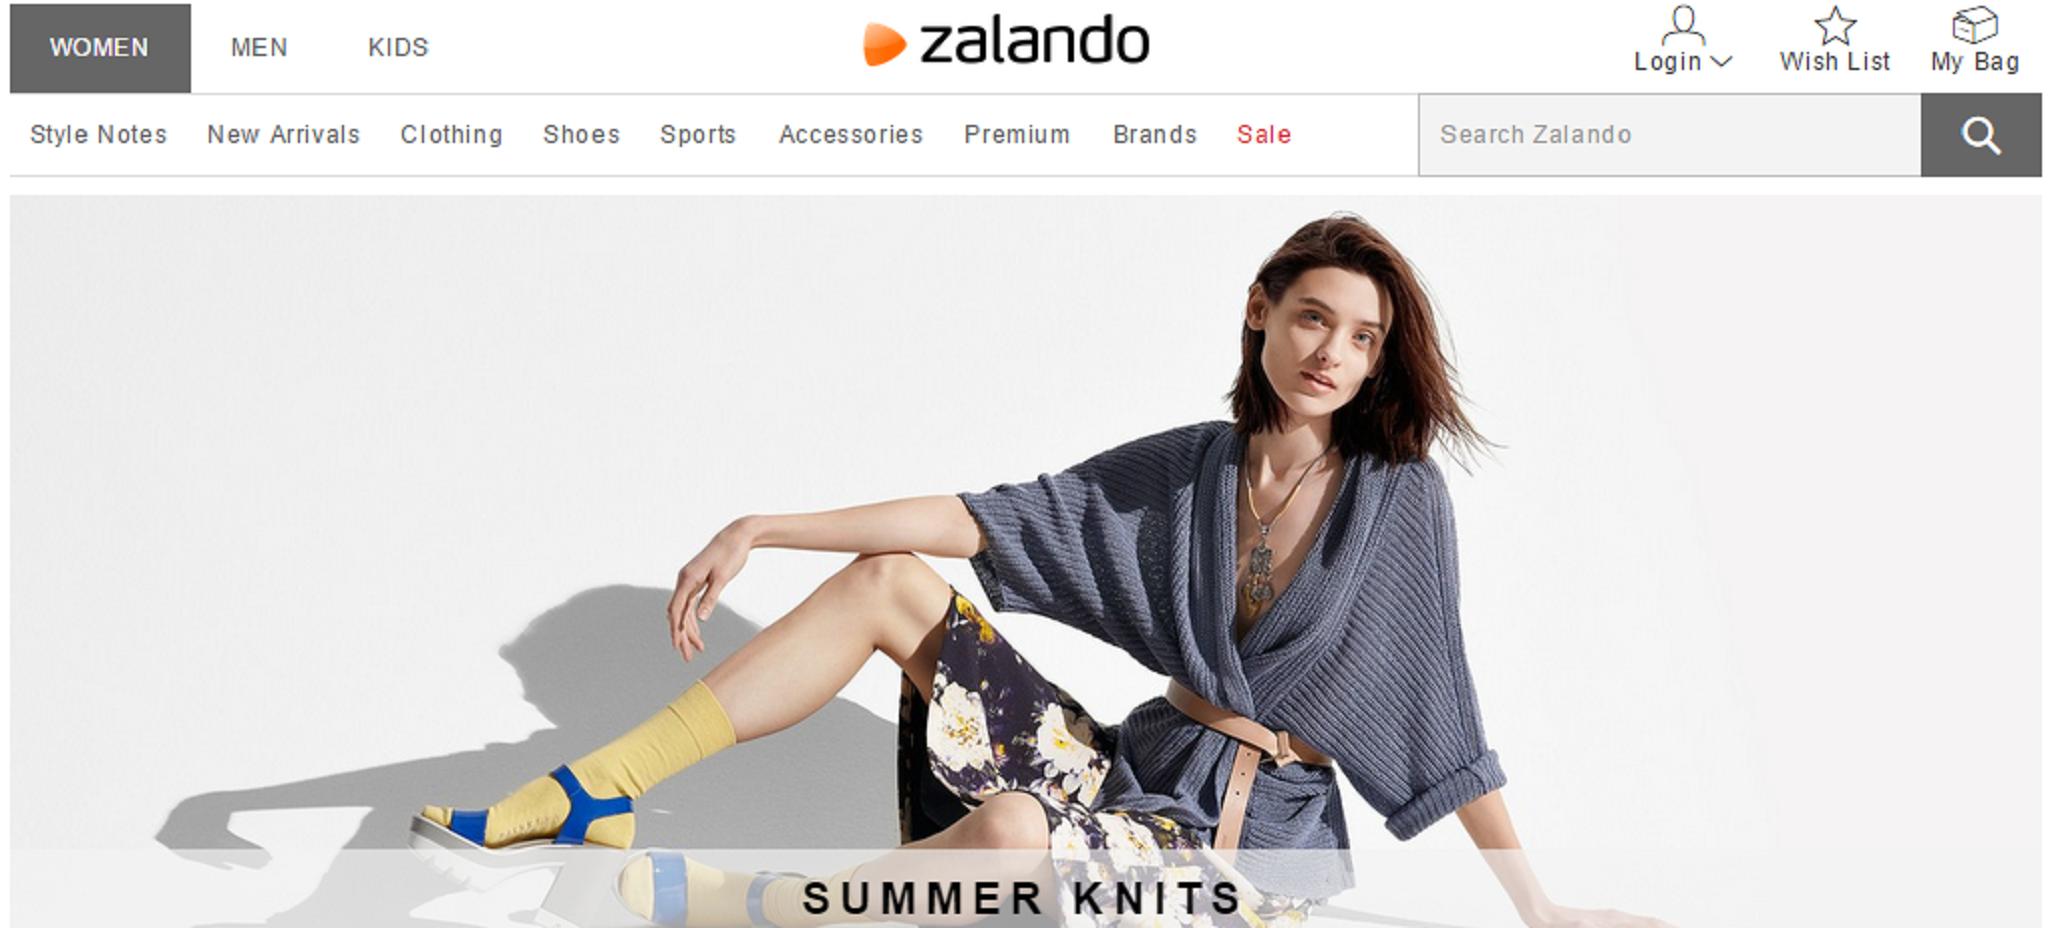 歐洲最大時尚電商Zalando,連Google都怕它